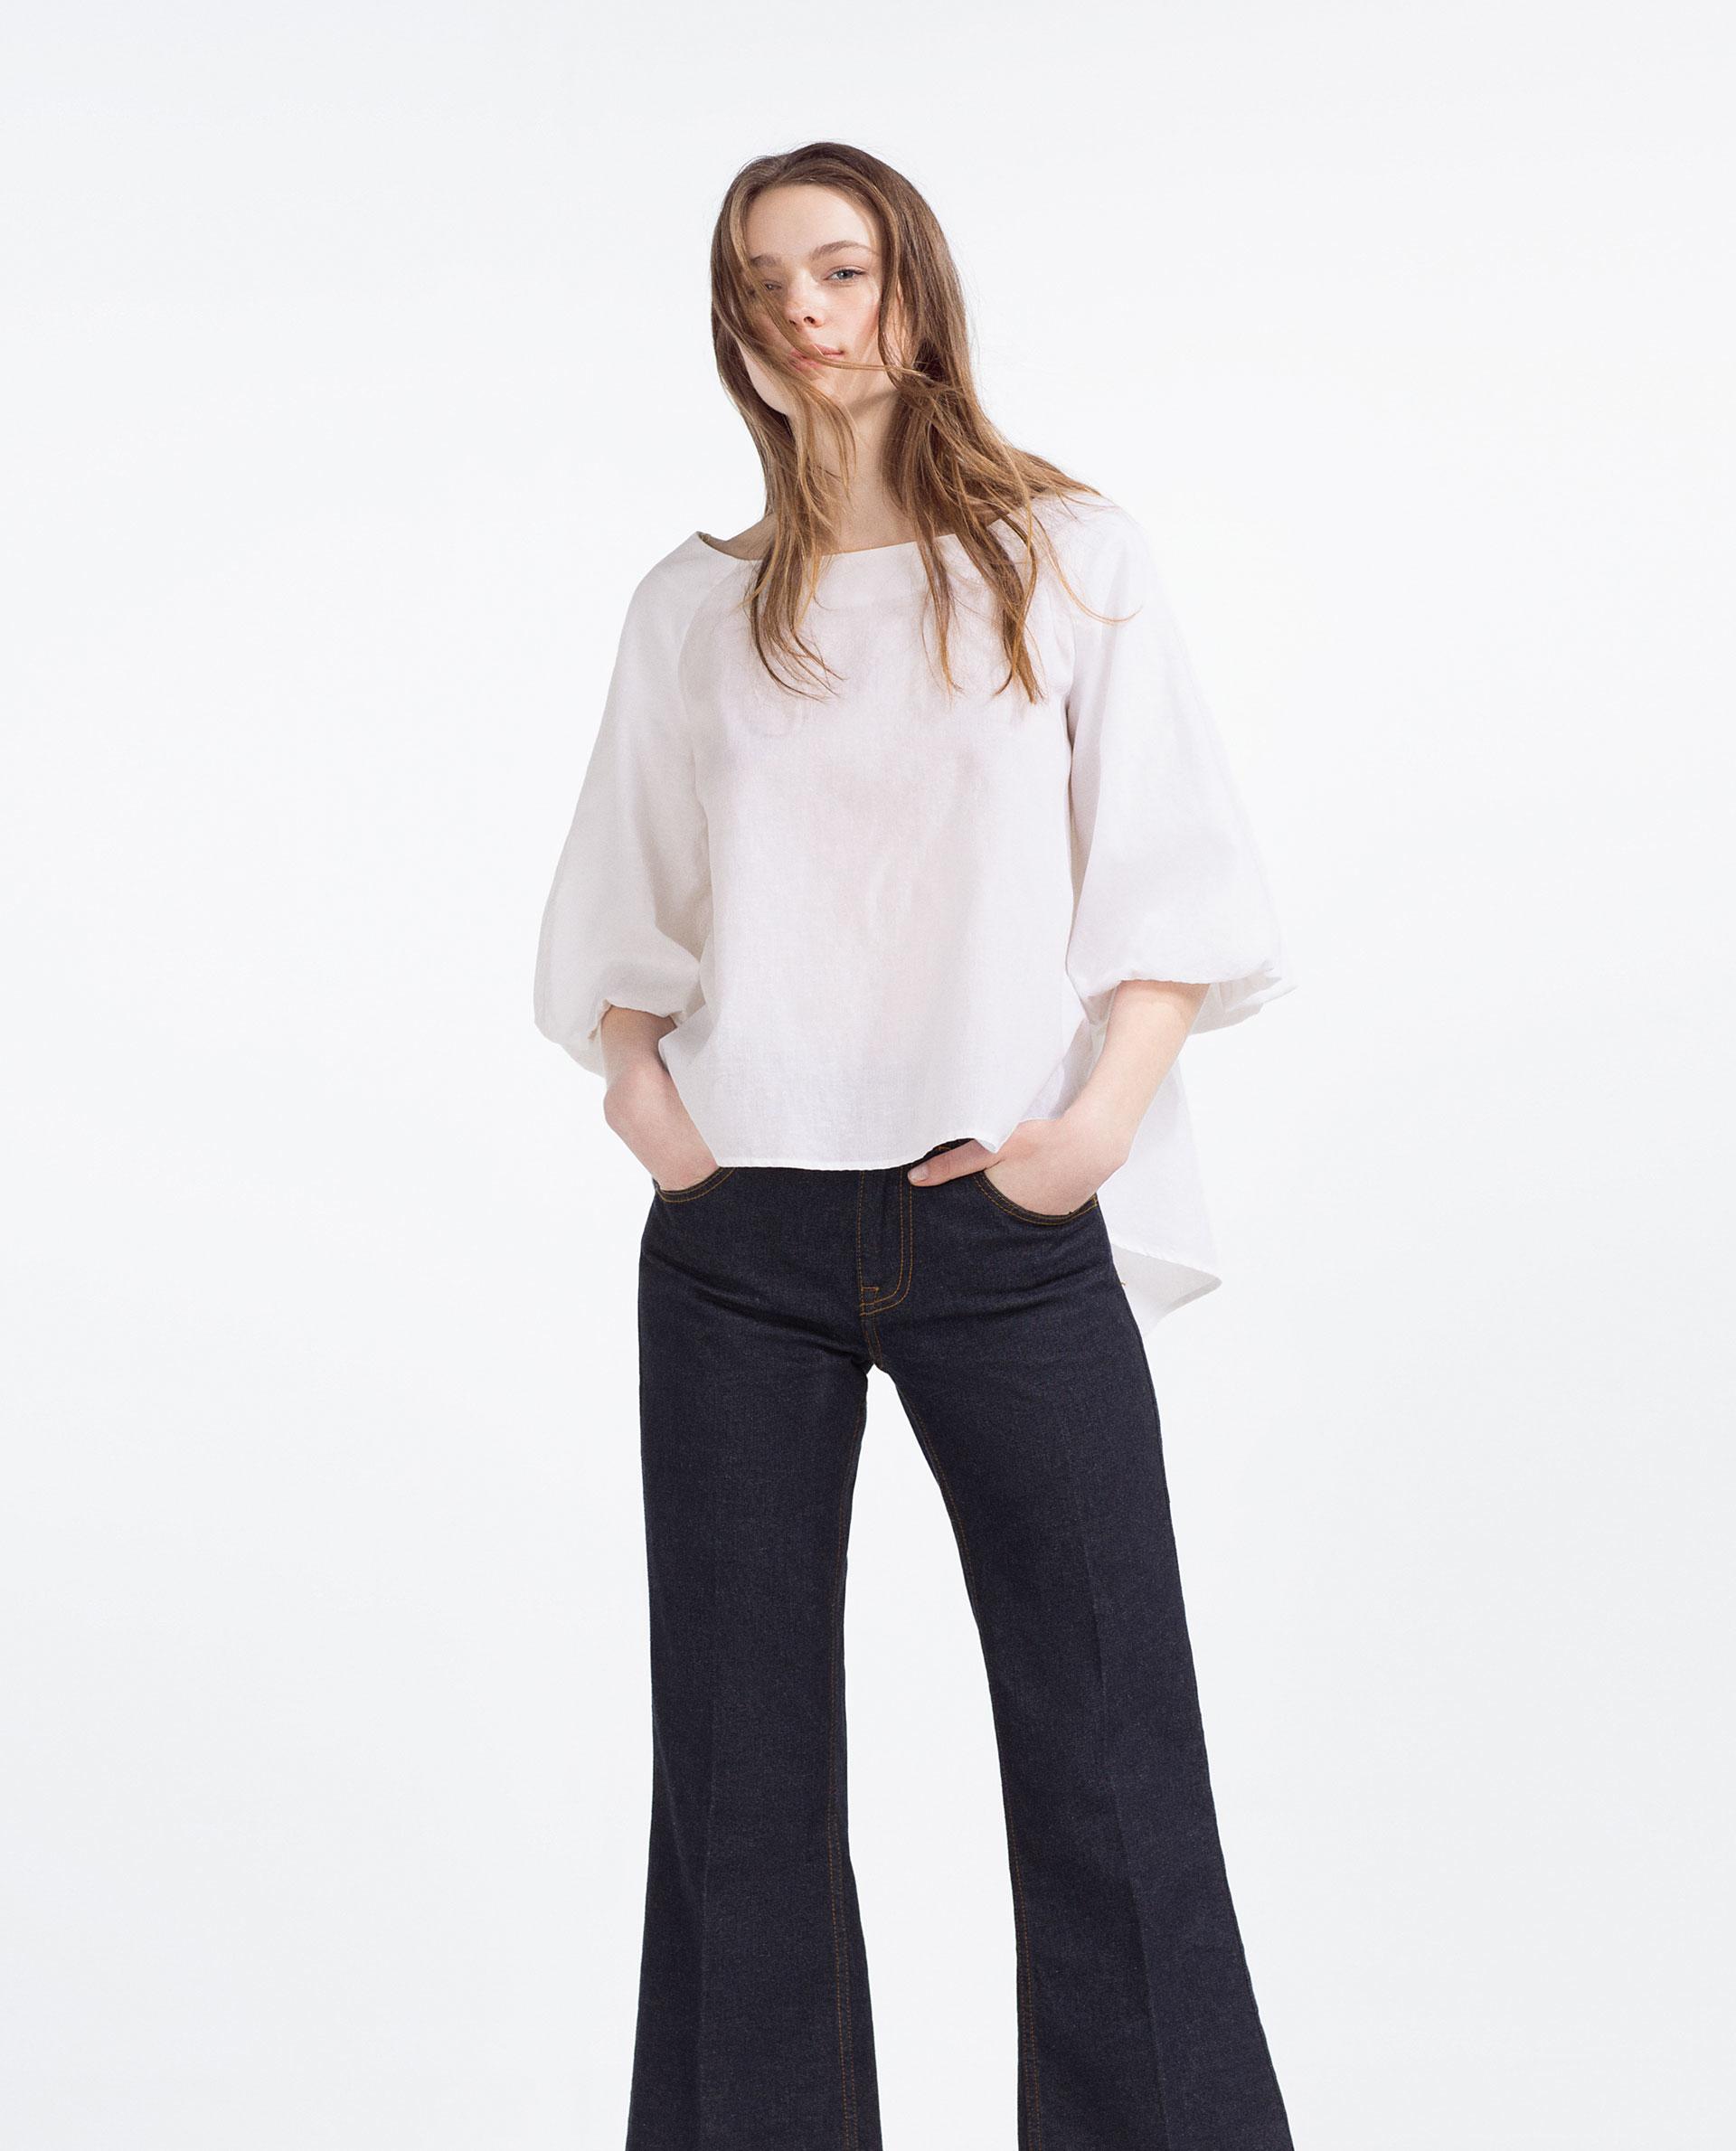 Zara White Blouse 11